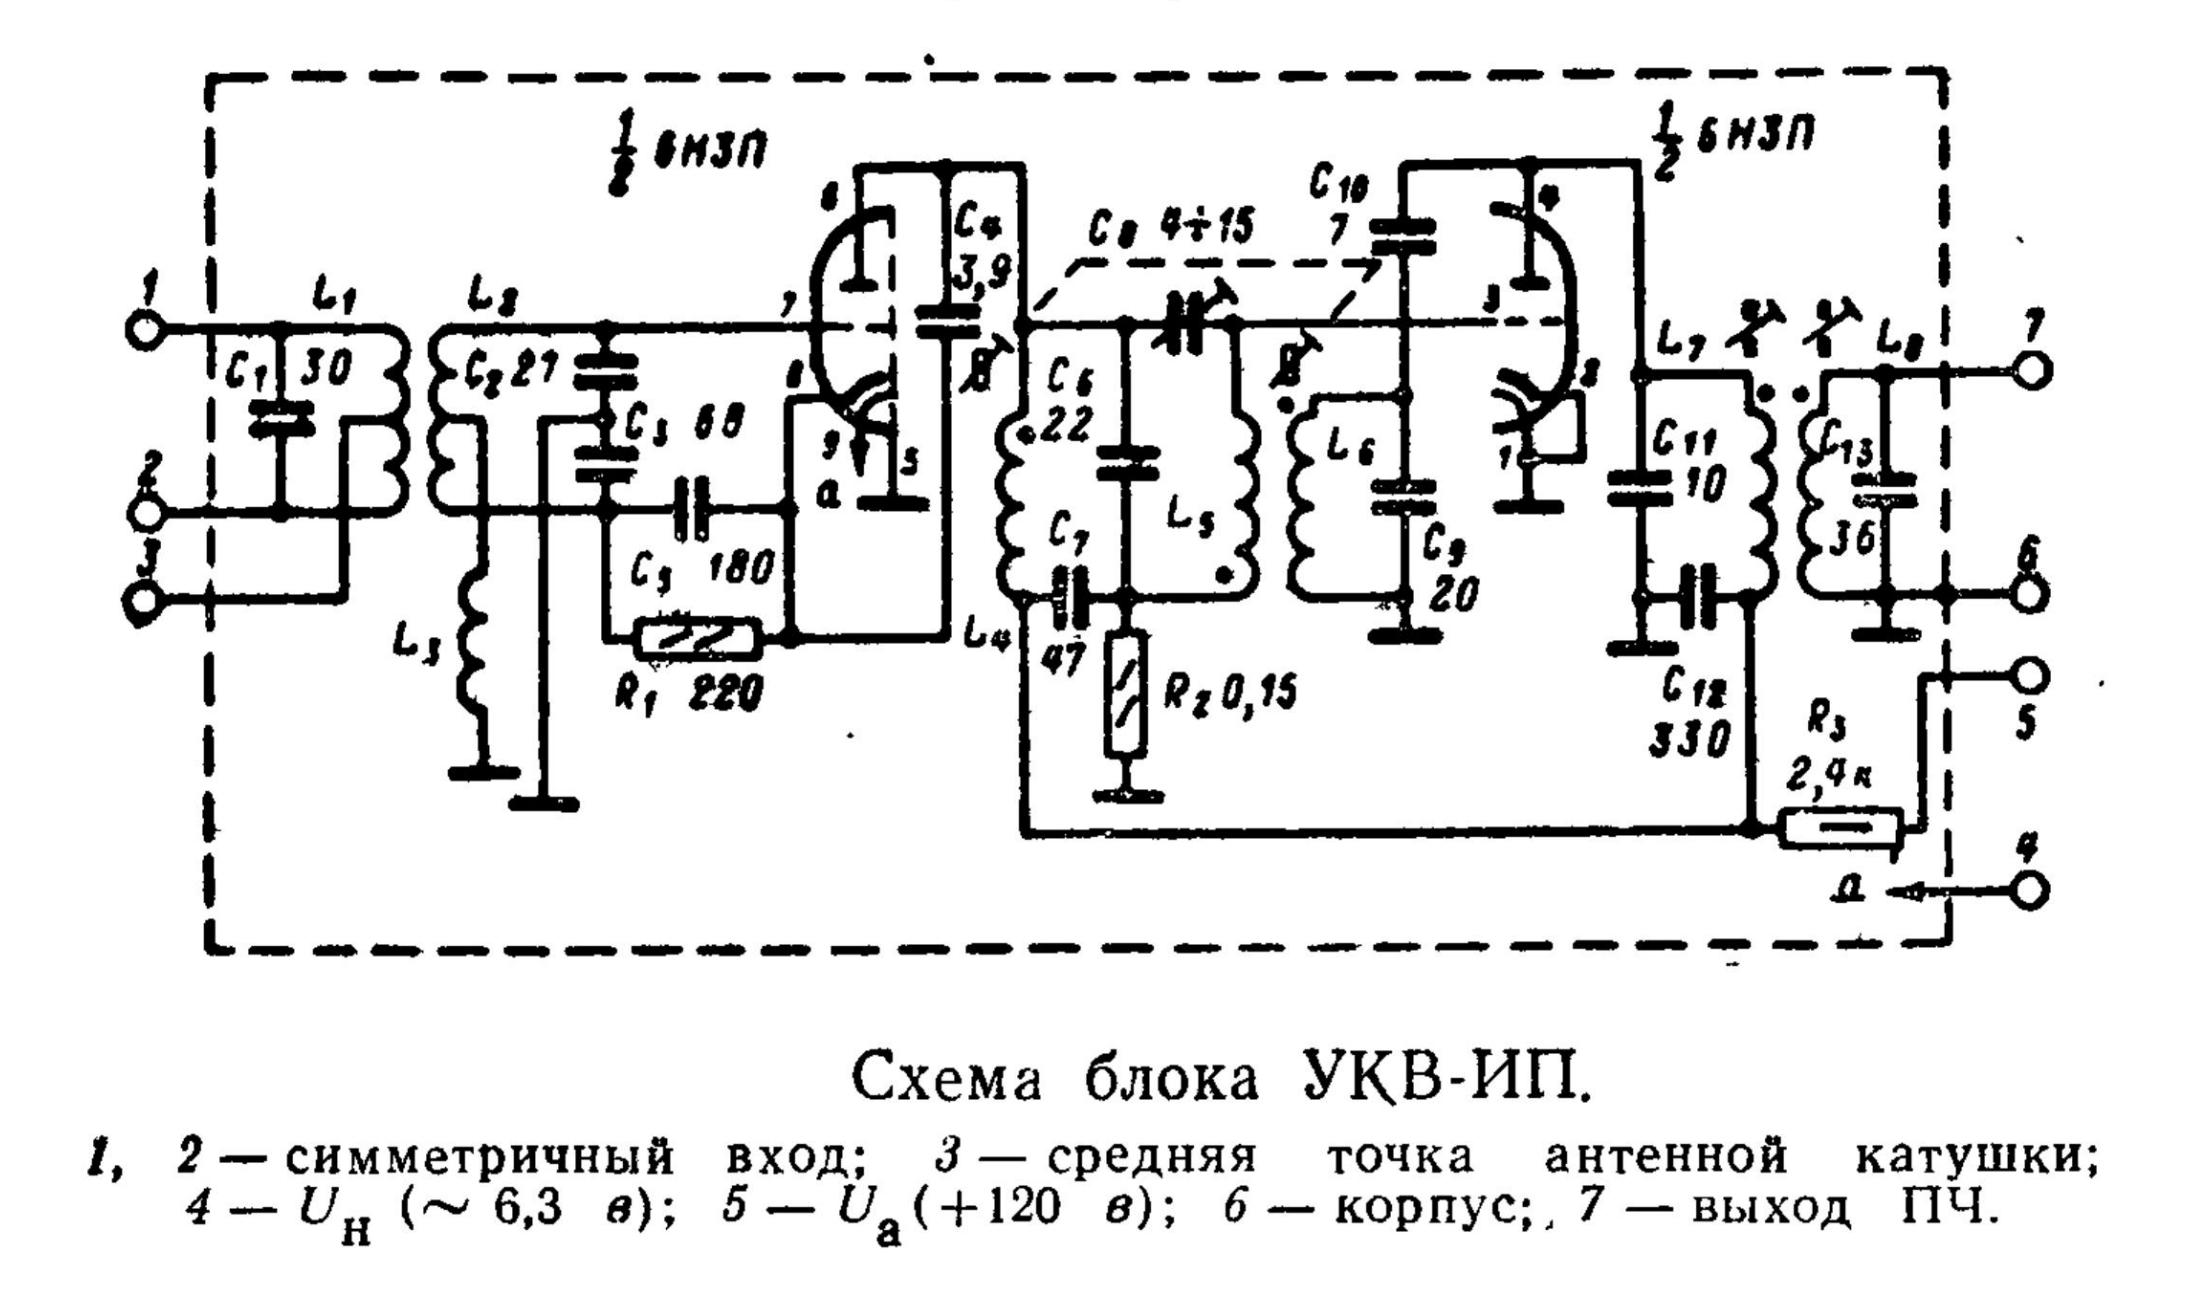 Ламповые радиоприемники, схемы и изготовление СВ-ДВ-КВ-УКВ ...